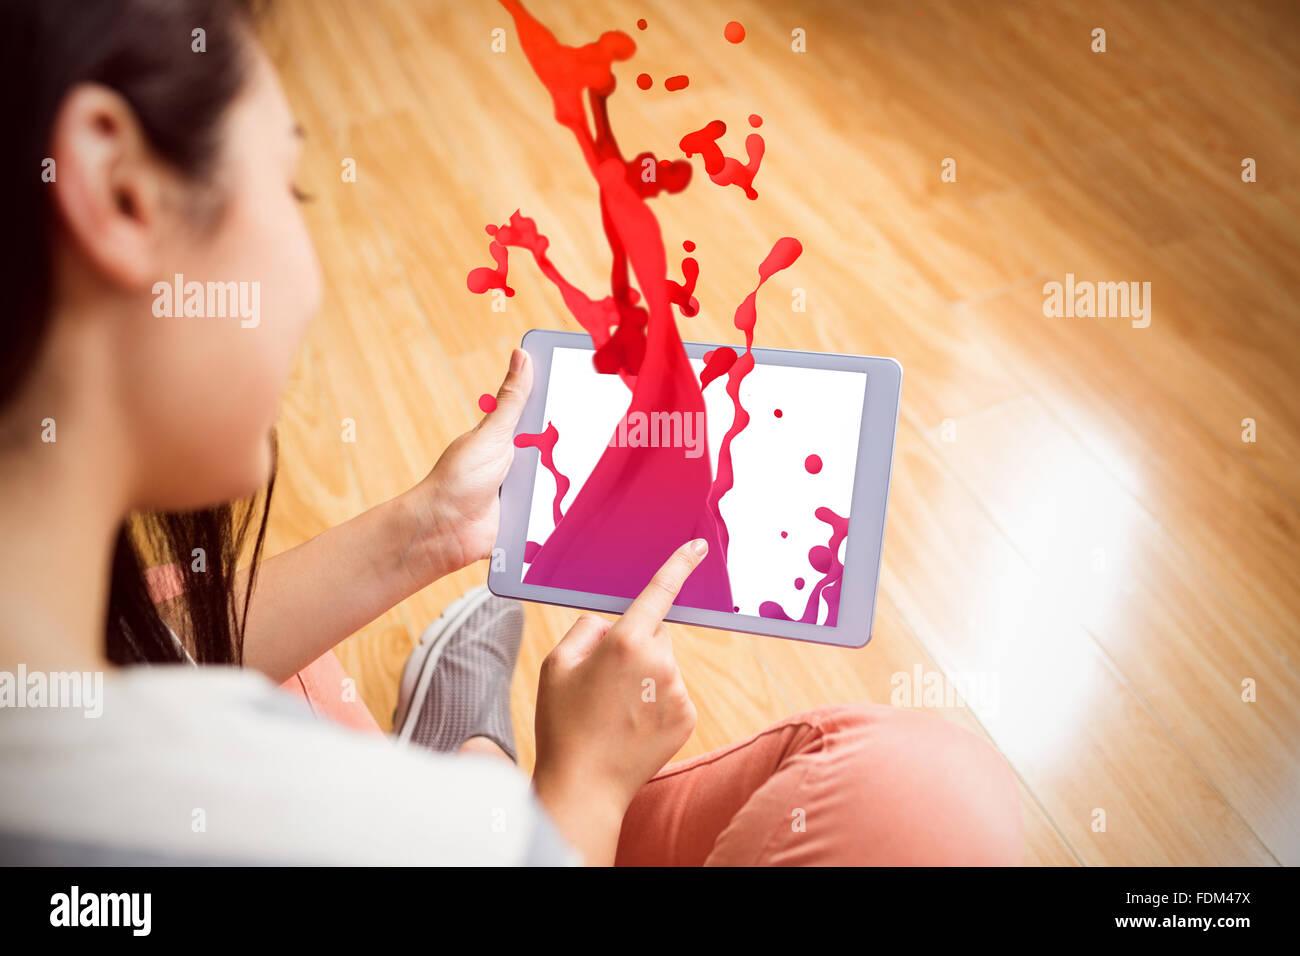 Imagen compuesta de gotas y salpicaduras de pintura rosa Imagen De Stock